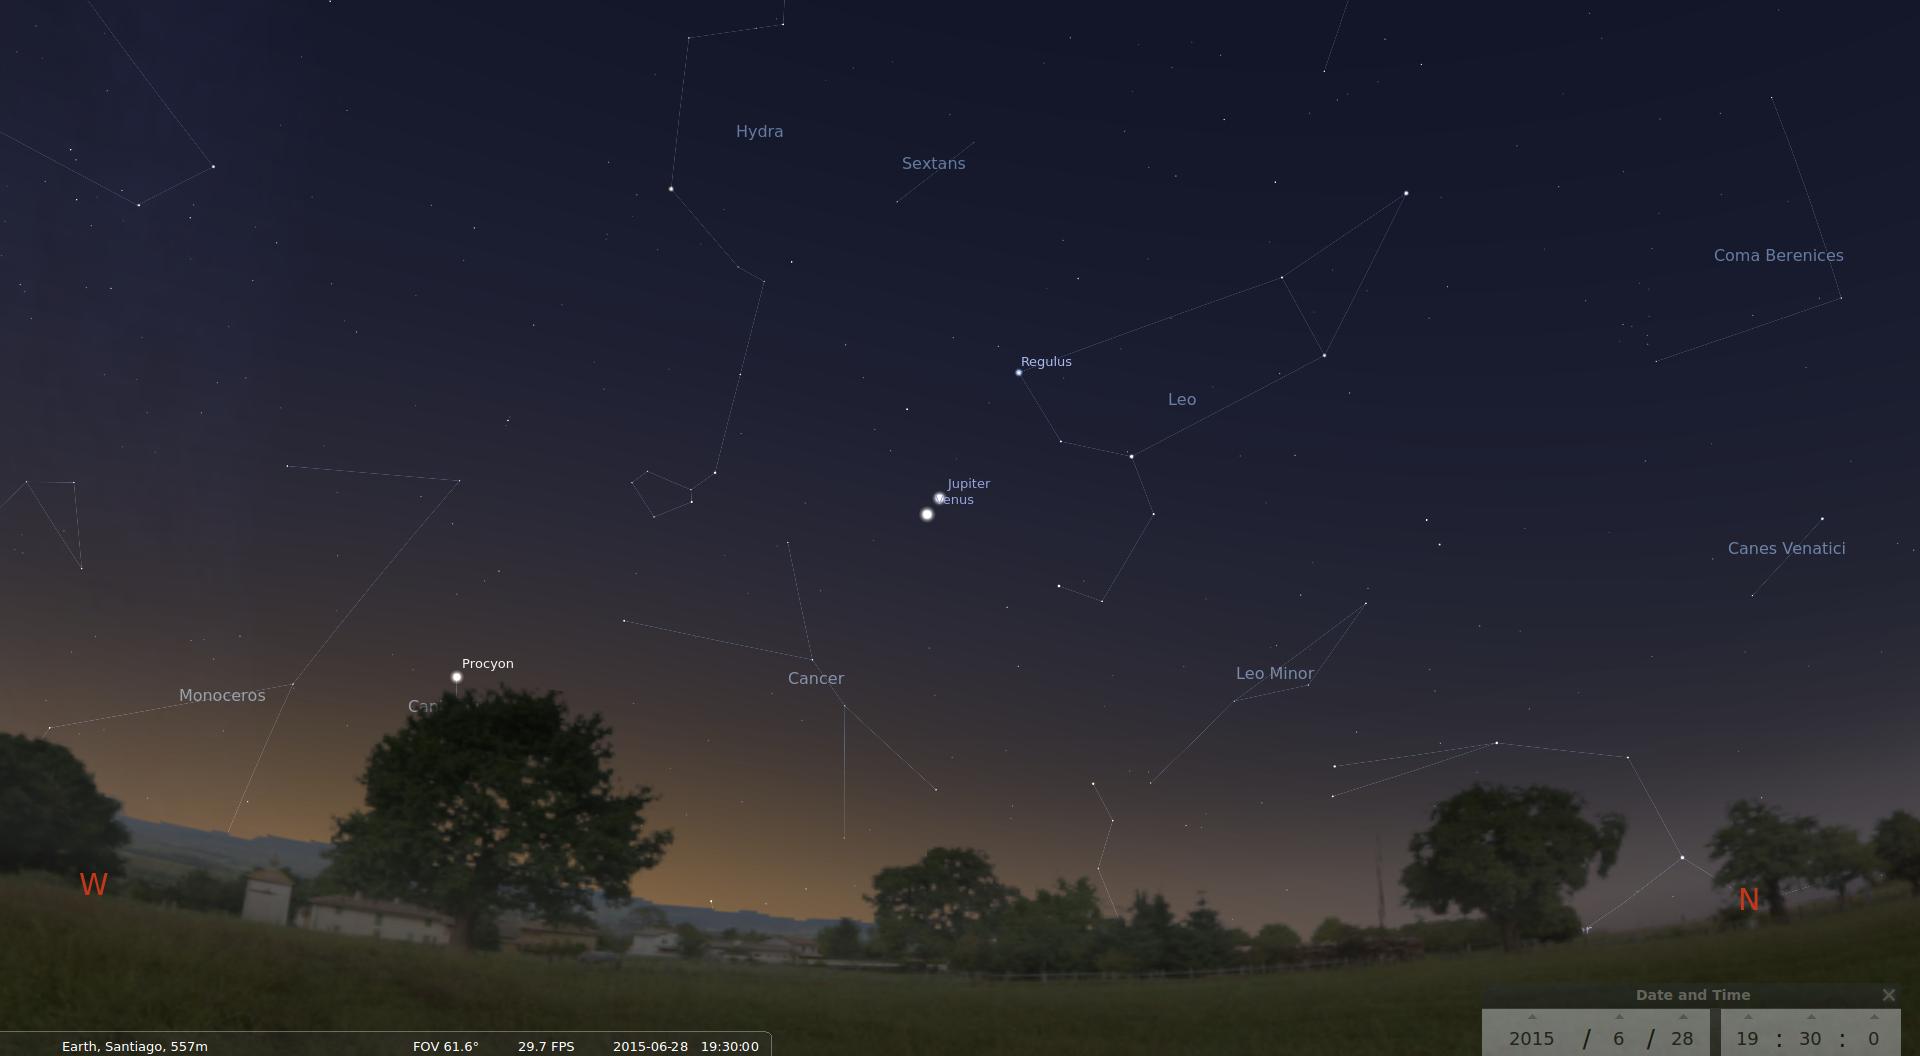 Conjunción de Venus y Júpiter